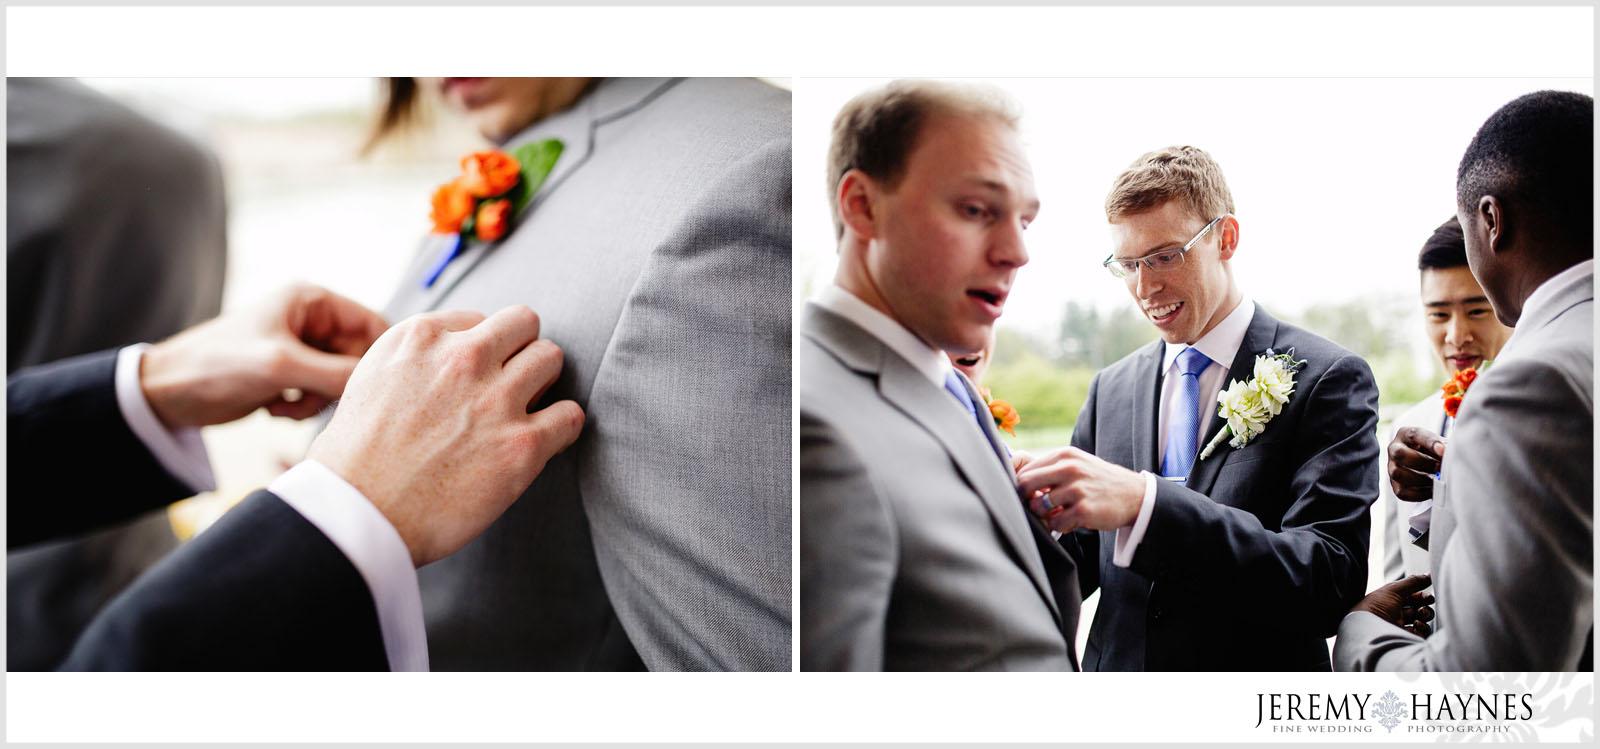 fun-outdoor-st-elizabeth-ann-seton-catholic-church-groom-wedding-preparation.jpg